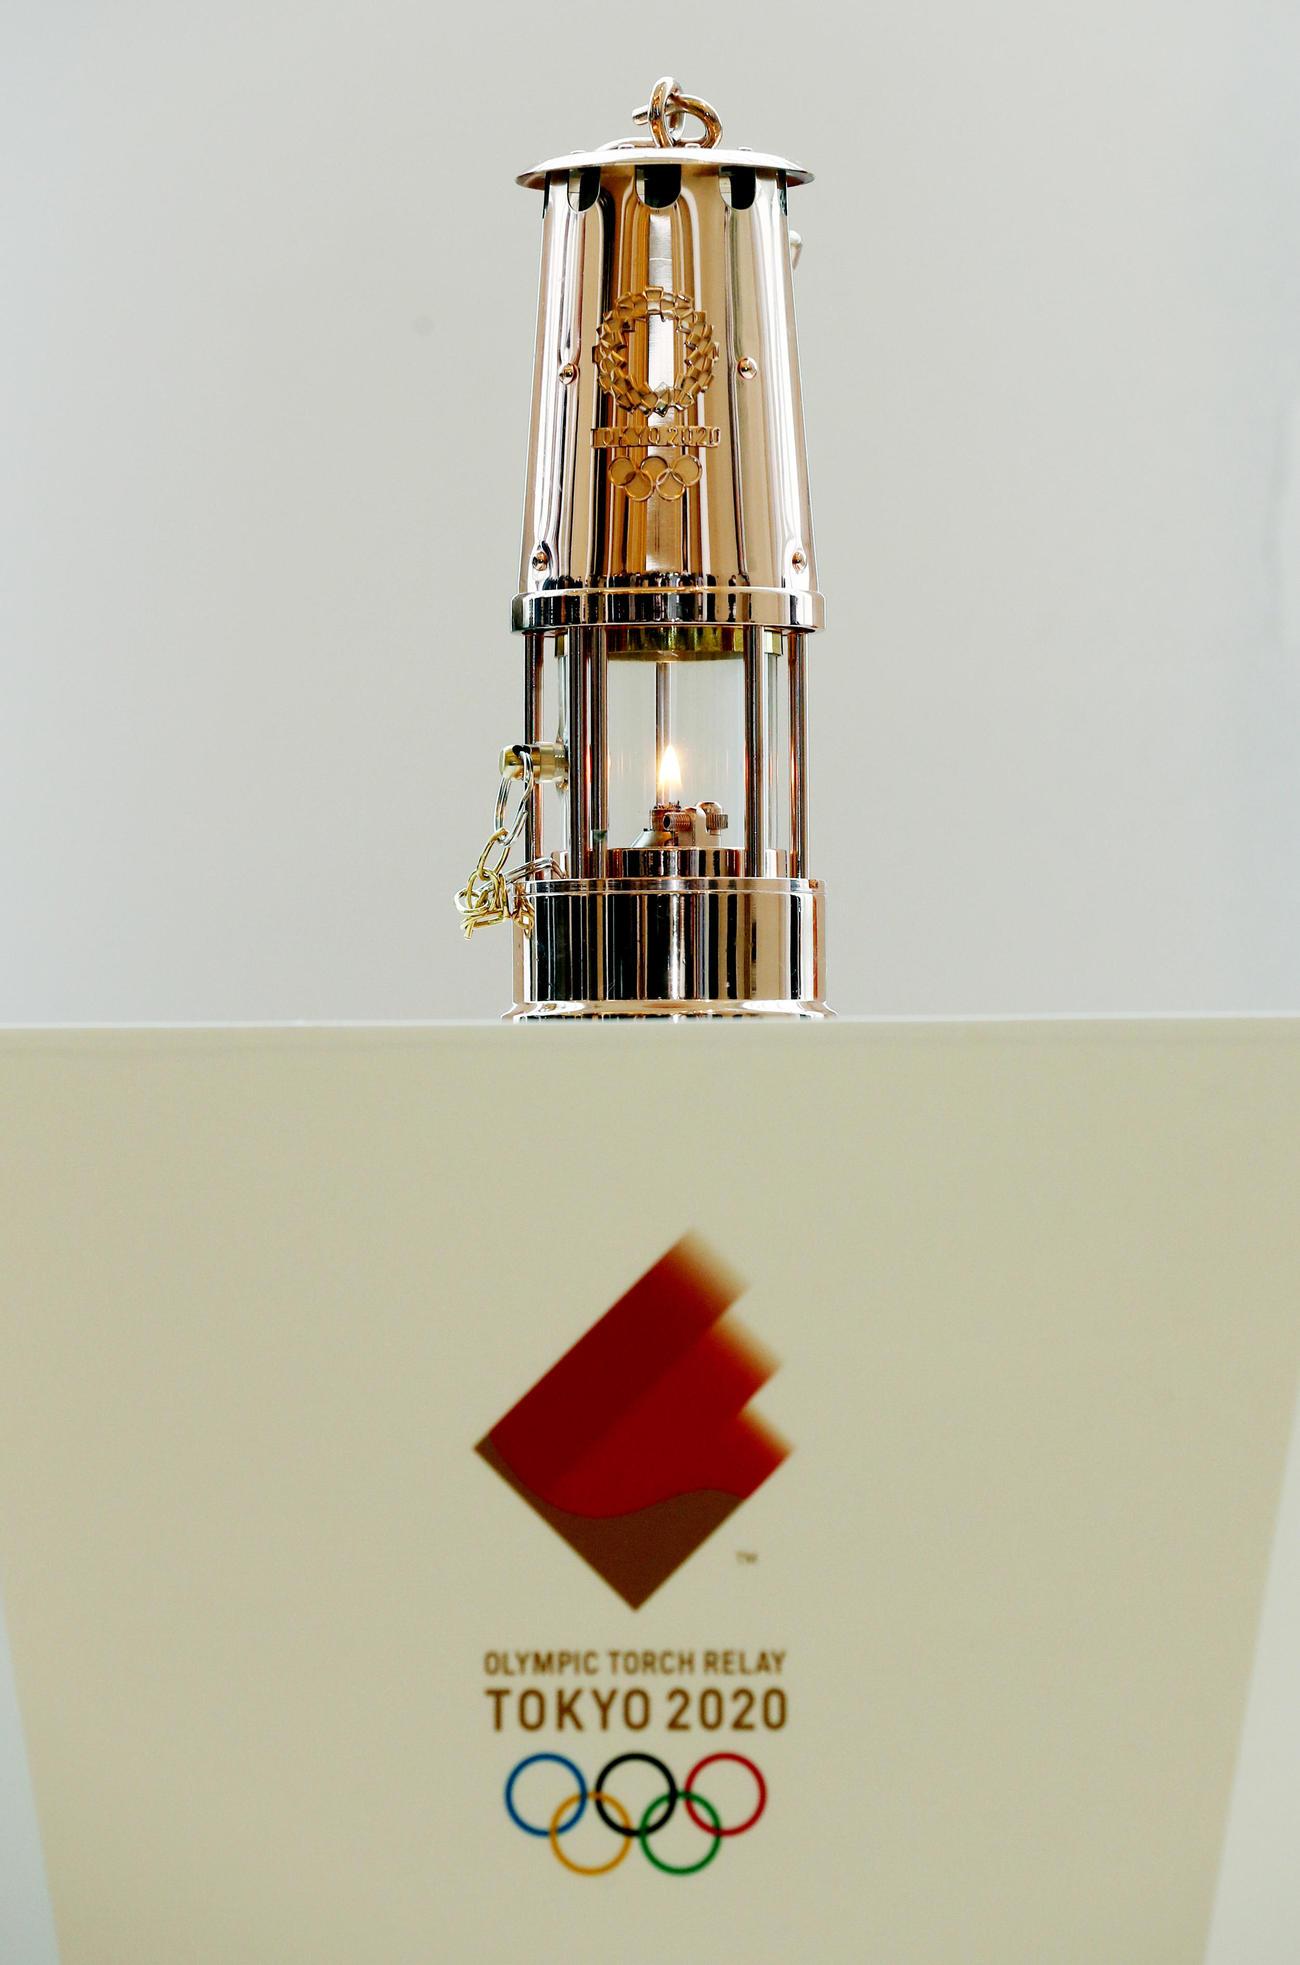 福島・Jヴィレッジで一般展示される東京五輪の聖火=2020年4月1日(撮影・野上伸悟)